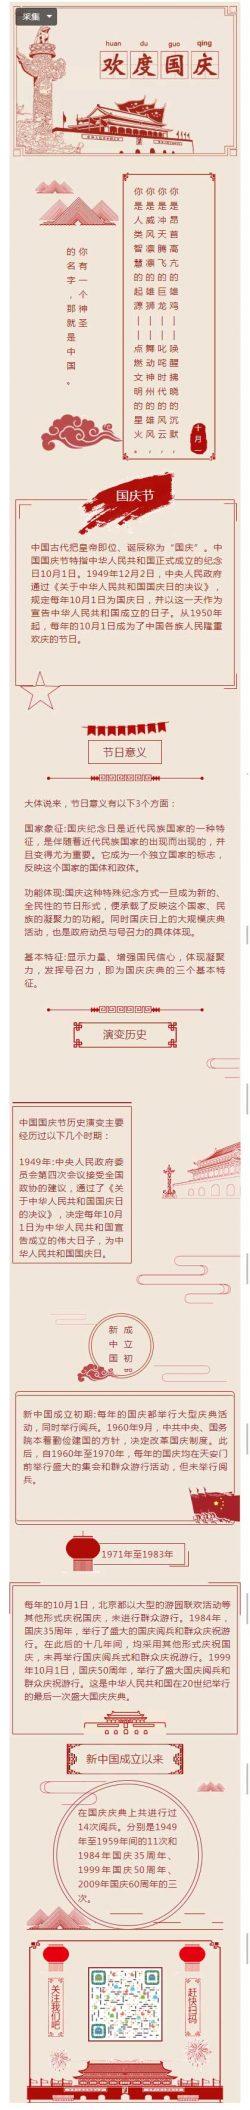 中国国庆节特指中华人民共和国正式成立的纪念日10月1日